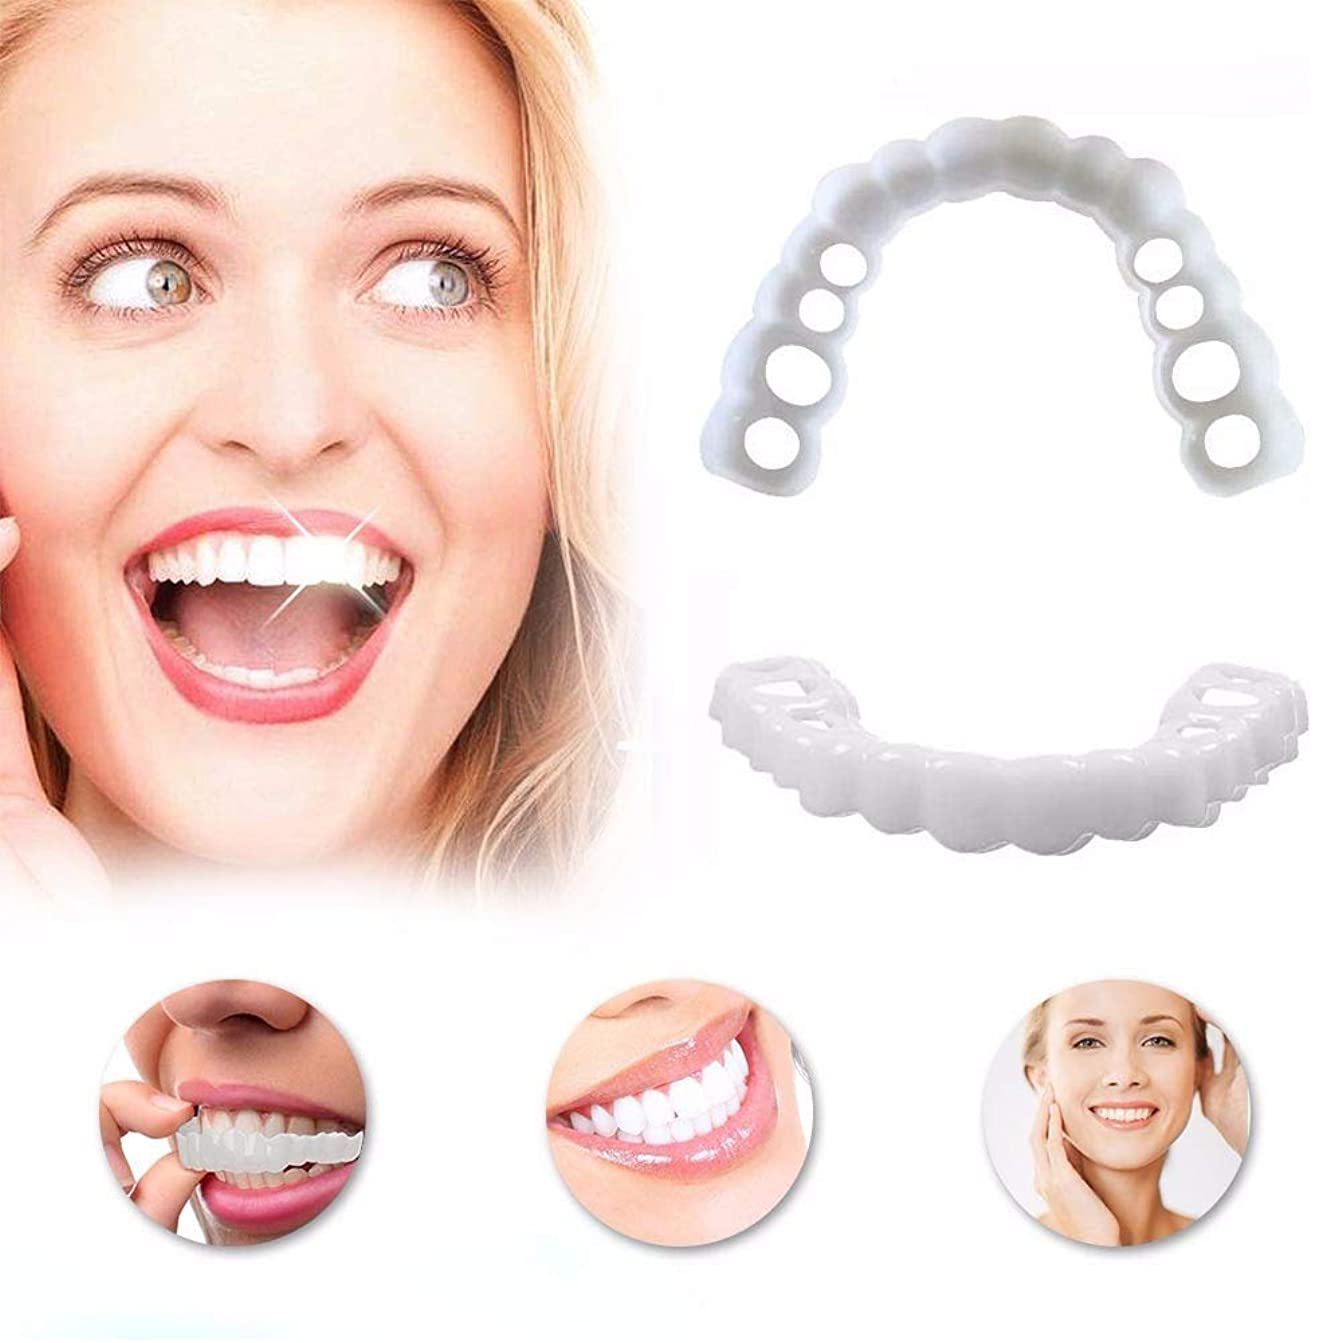 支援維持自治的化粧品の歯の白い美しい端正なスナップインインスタントの完璧な笑顔の快適フィットフレックス歯のベニヤブレース義歯(上下用),7Pairs